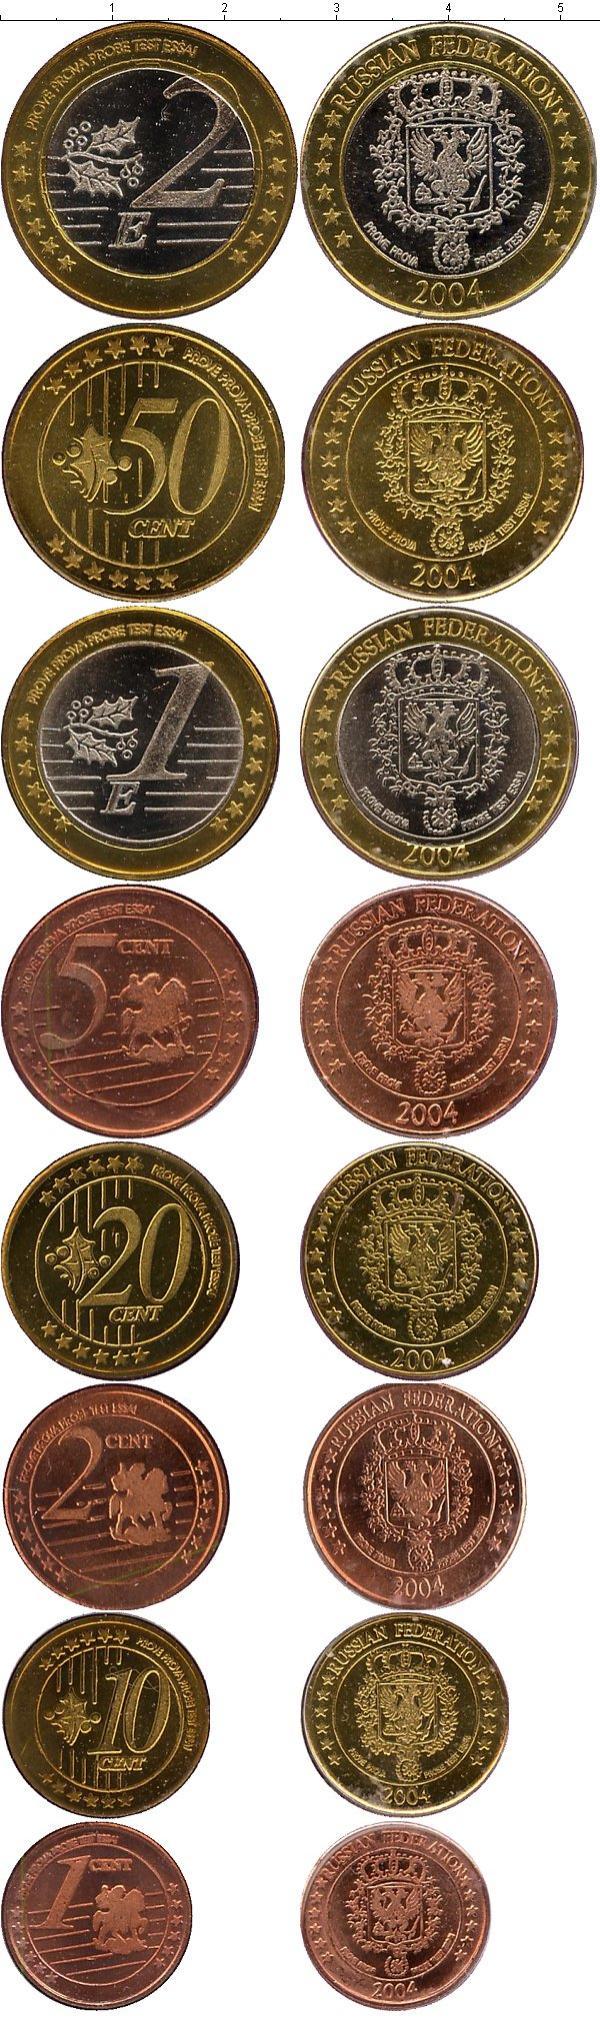 Каталог монет - Россия Пробный евронабор 2004